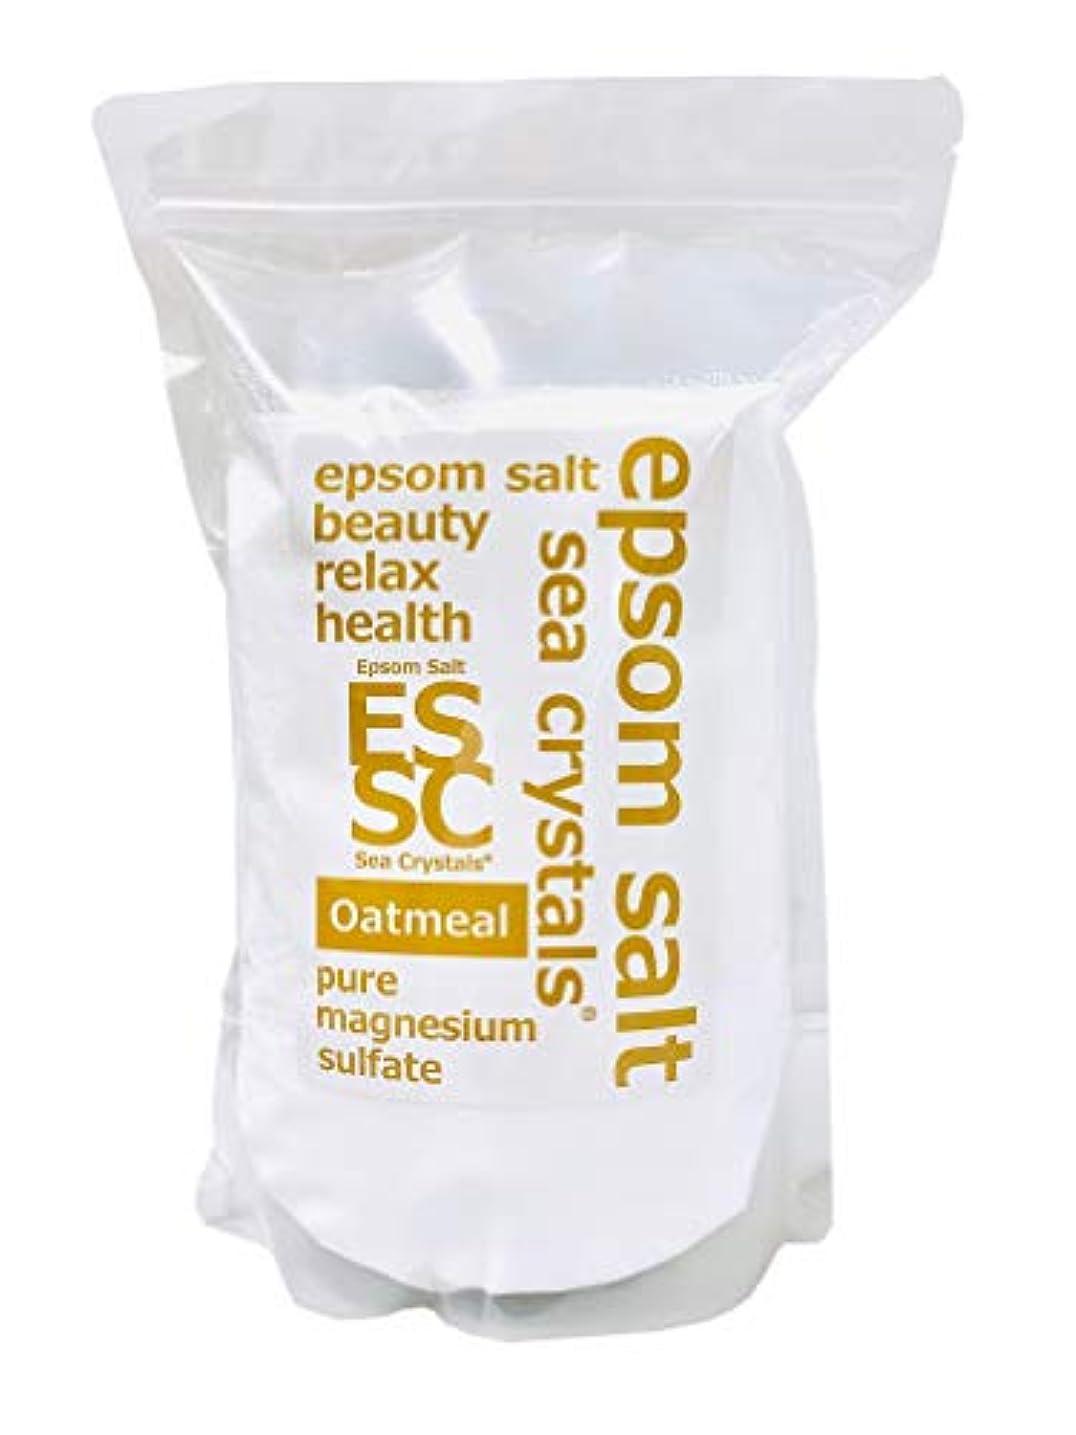 活力決めますグローブ【Amazon.co.jp限定】 Sea Crystals(シークリスタルス) オートミールバス 入浴剤 White 2.2kg